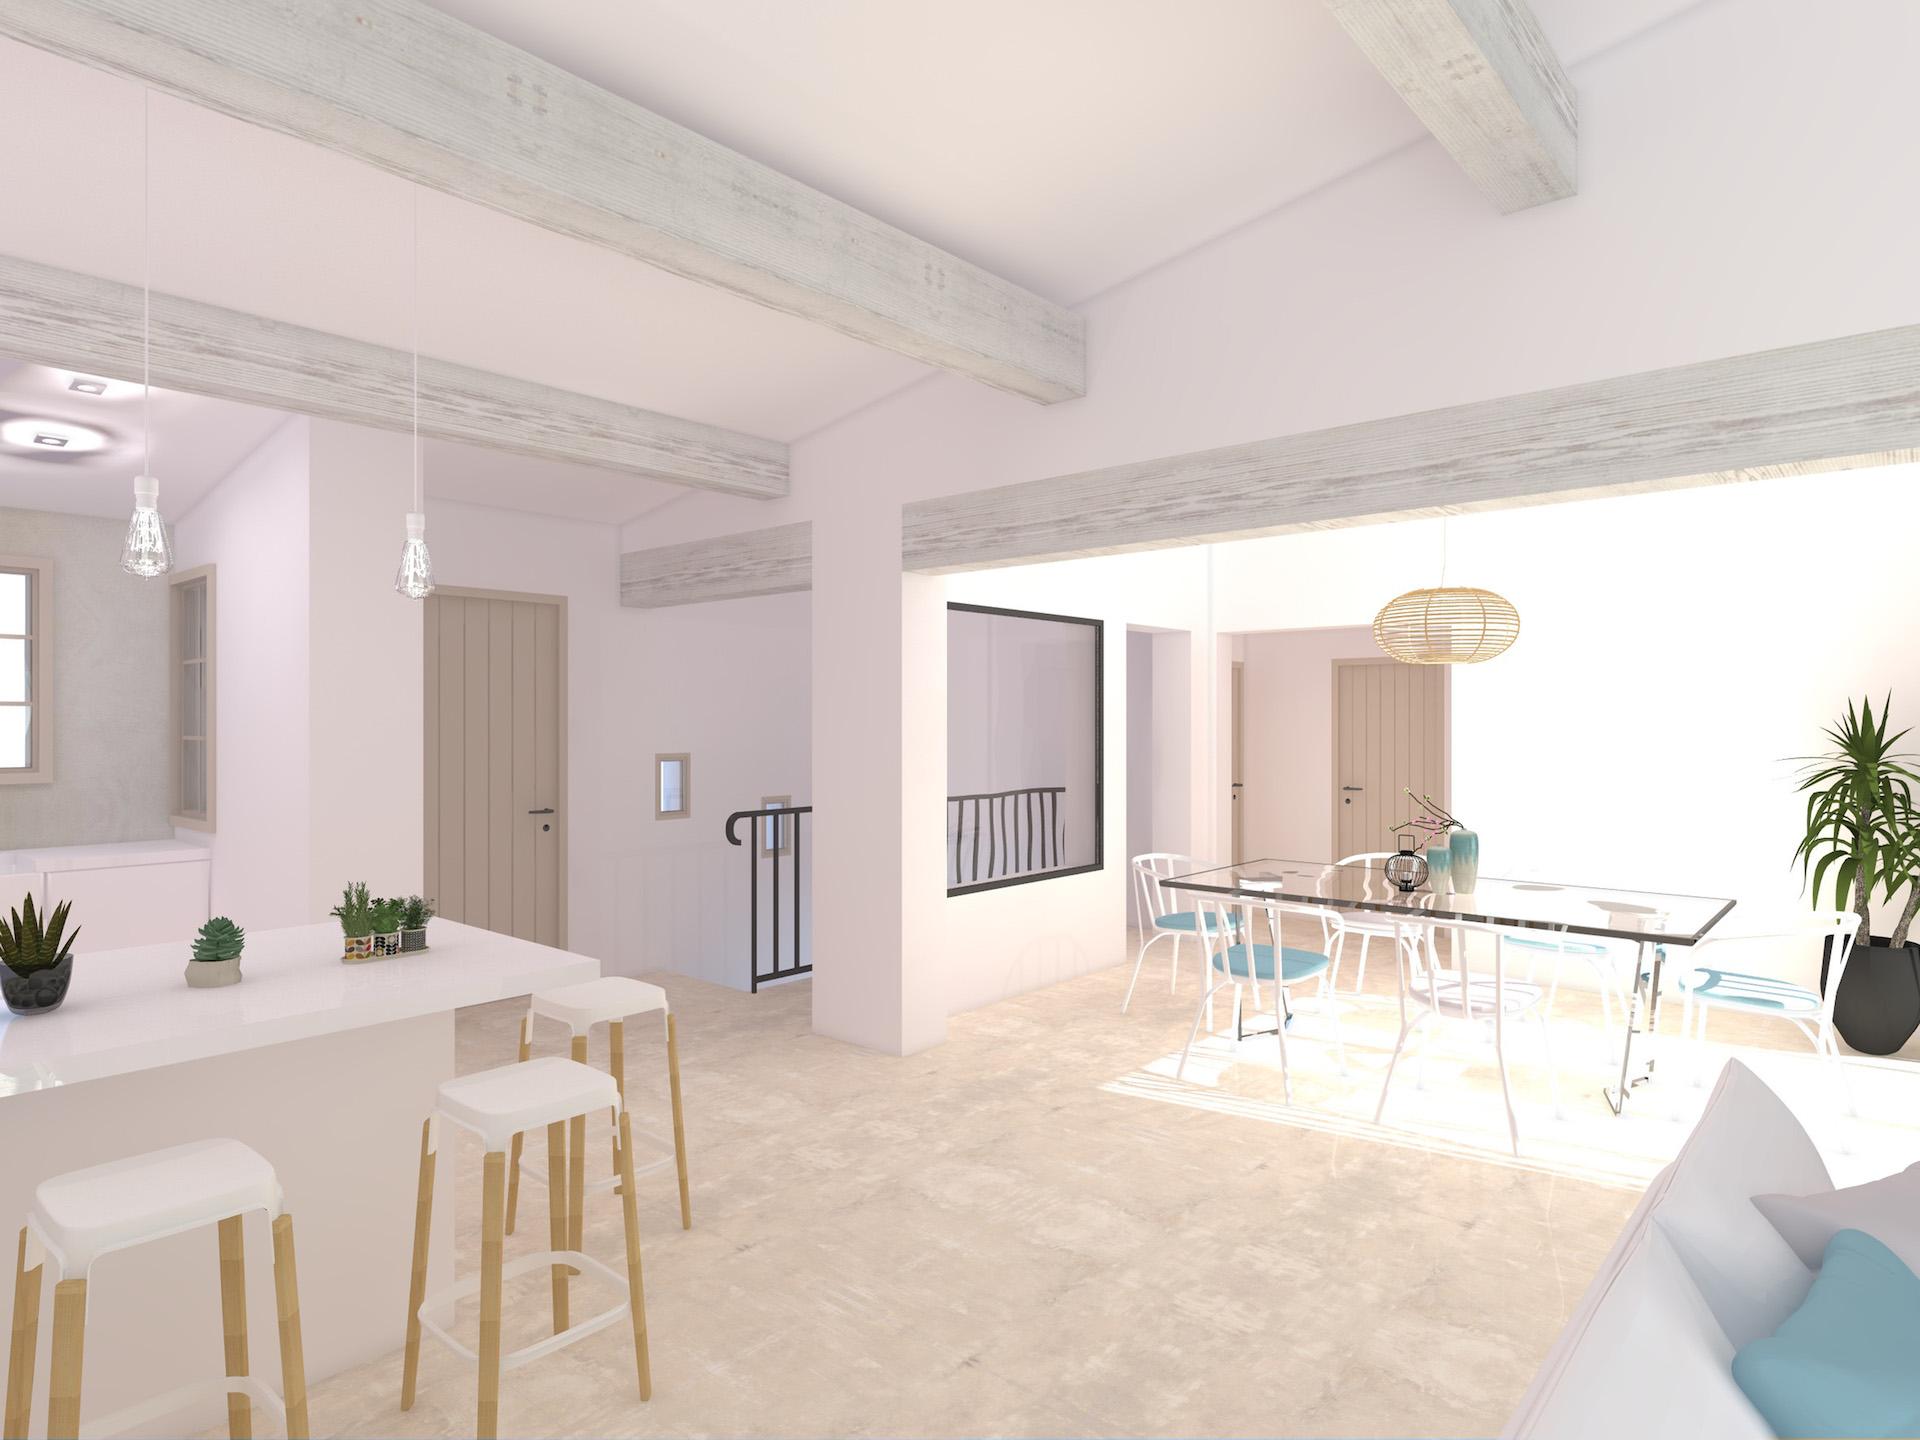 renovation-architecte-dintérieur-Mas-de-guerrevieille-11